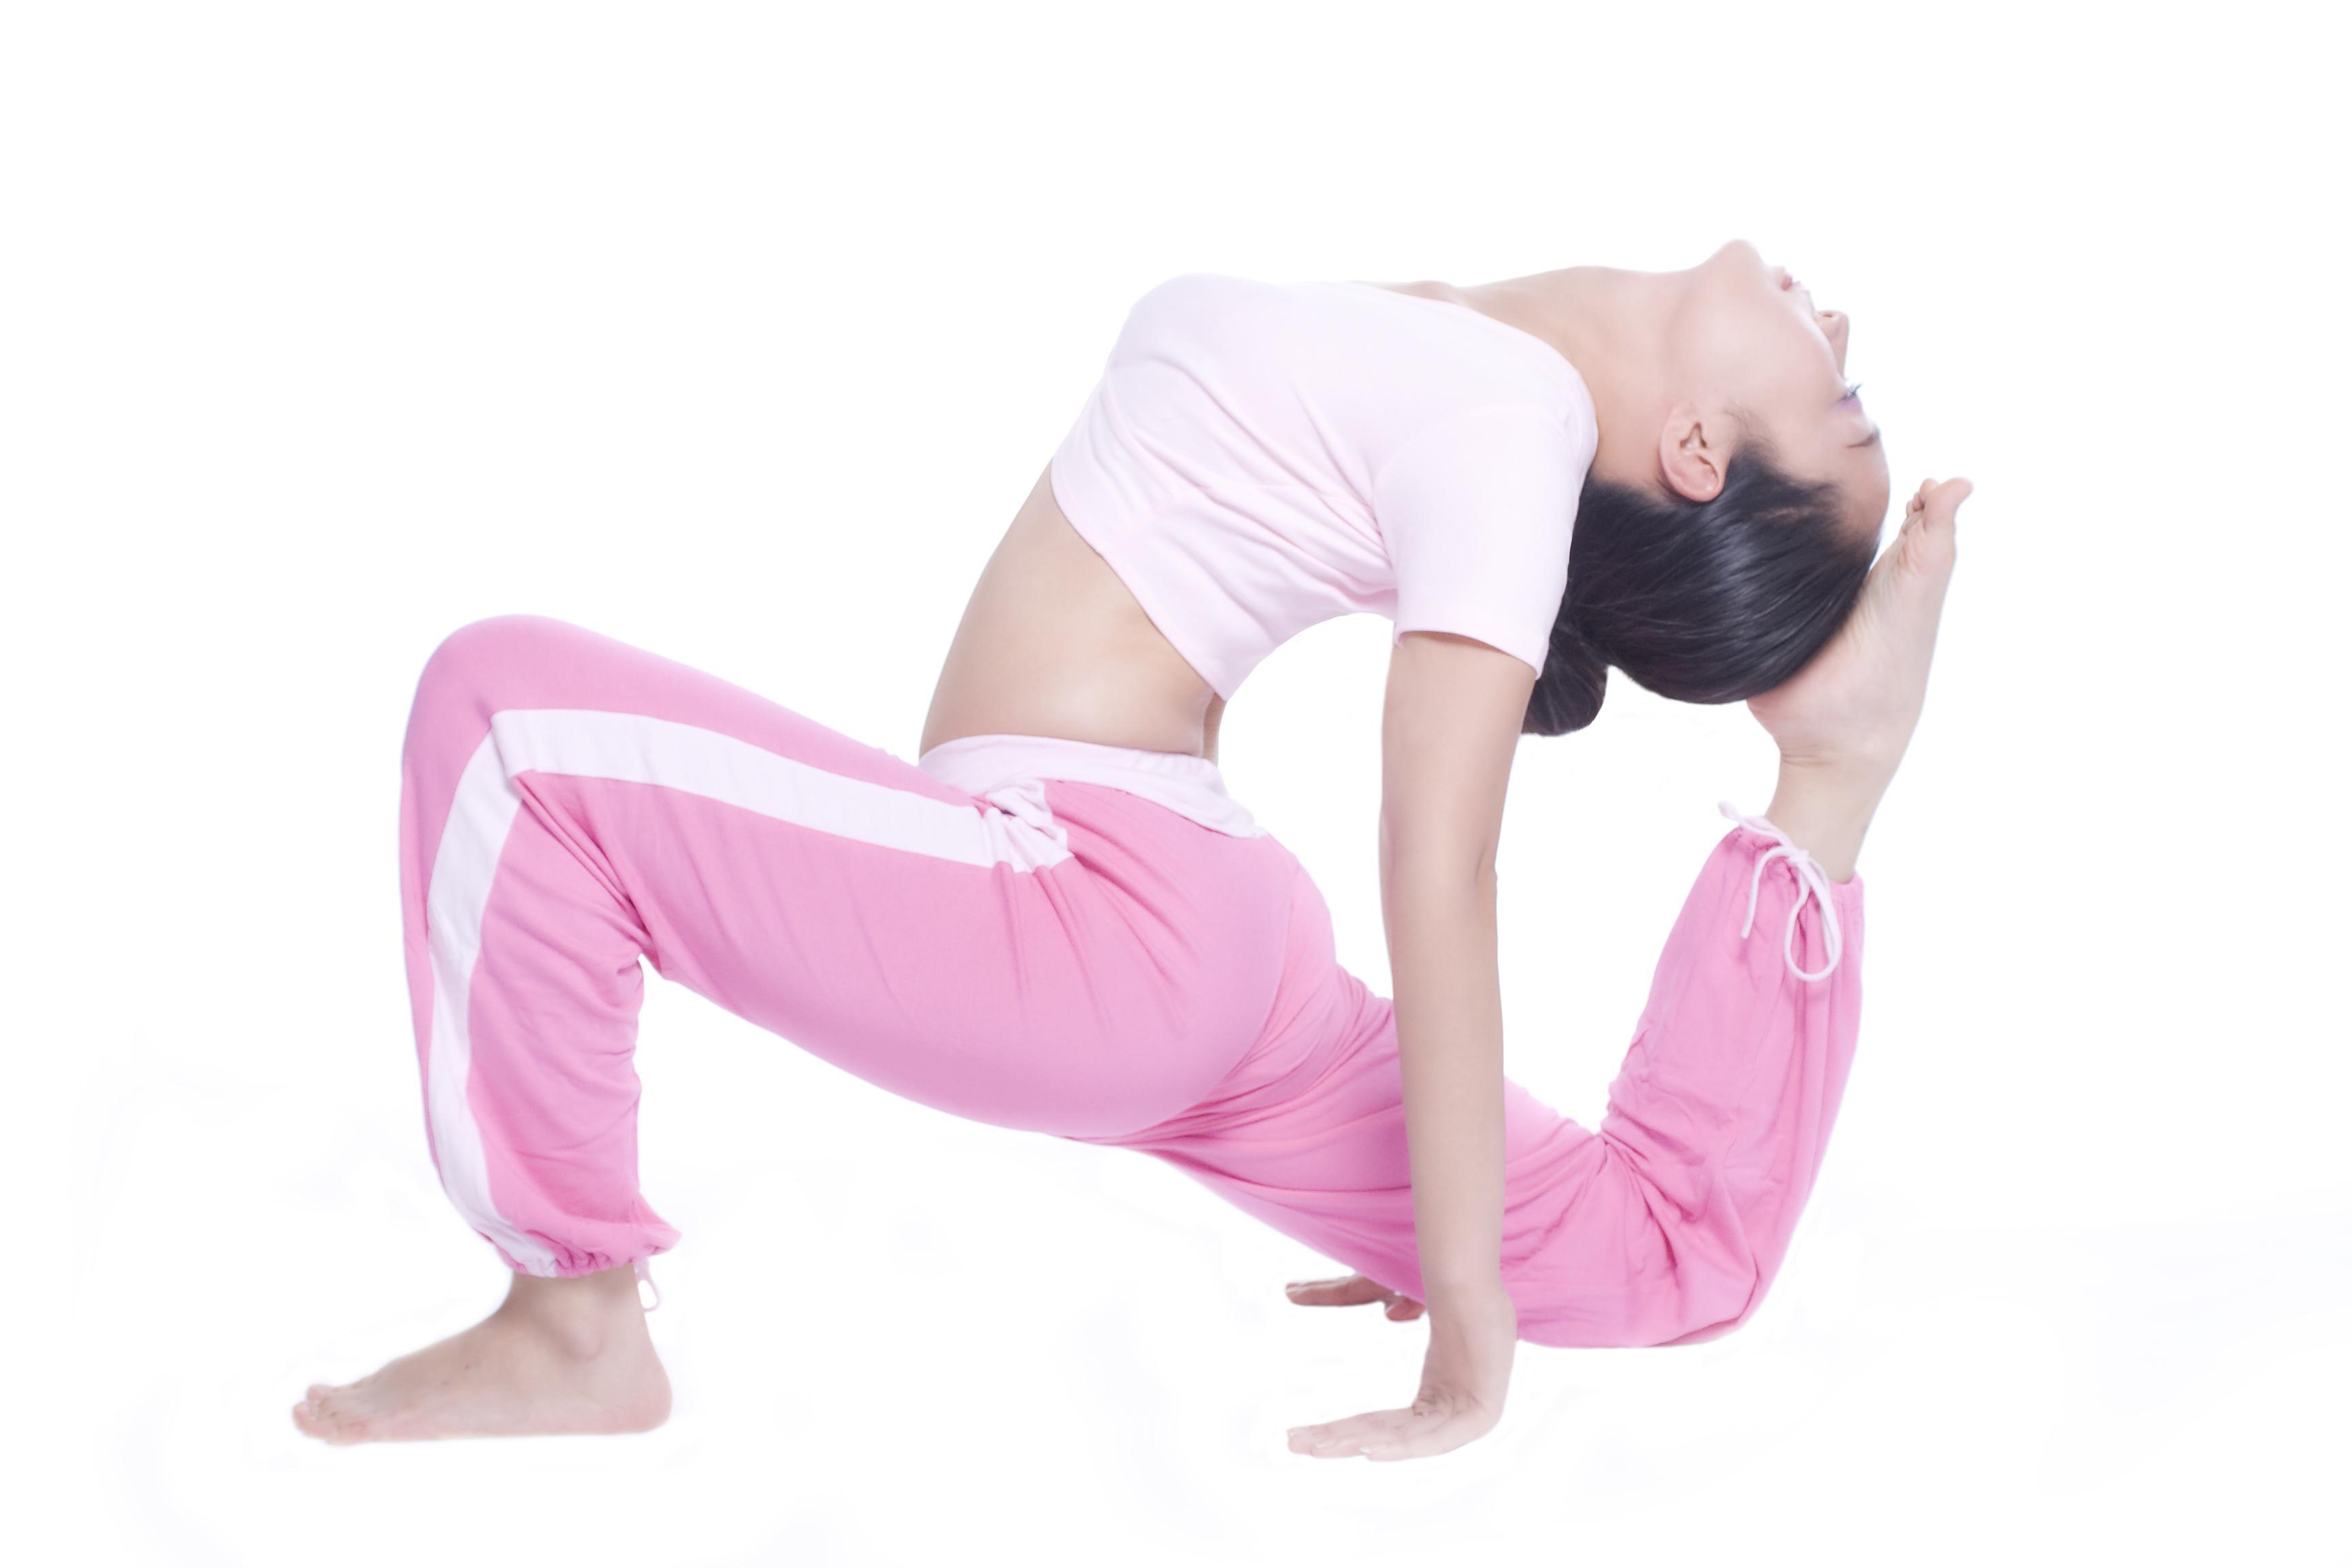 怎么通过简单的瑜伽动作提高睡眠质量